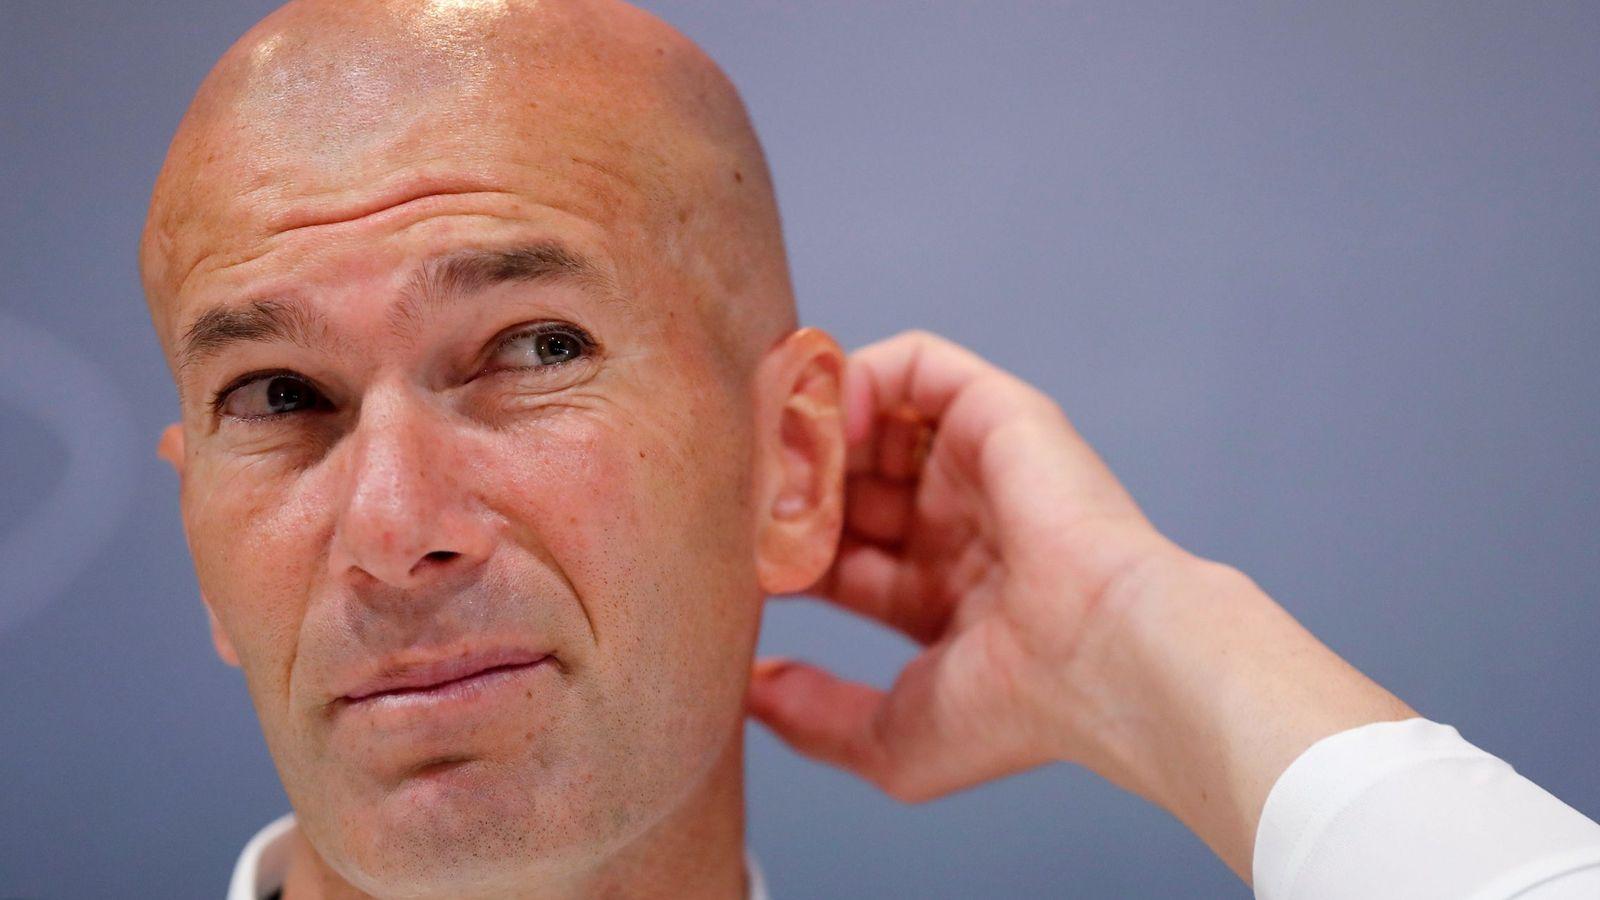 Foto: El entrenador del Real Madrid, Zinédine Zidane, durante una reda de prensa. (Efe)